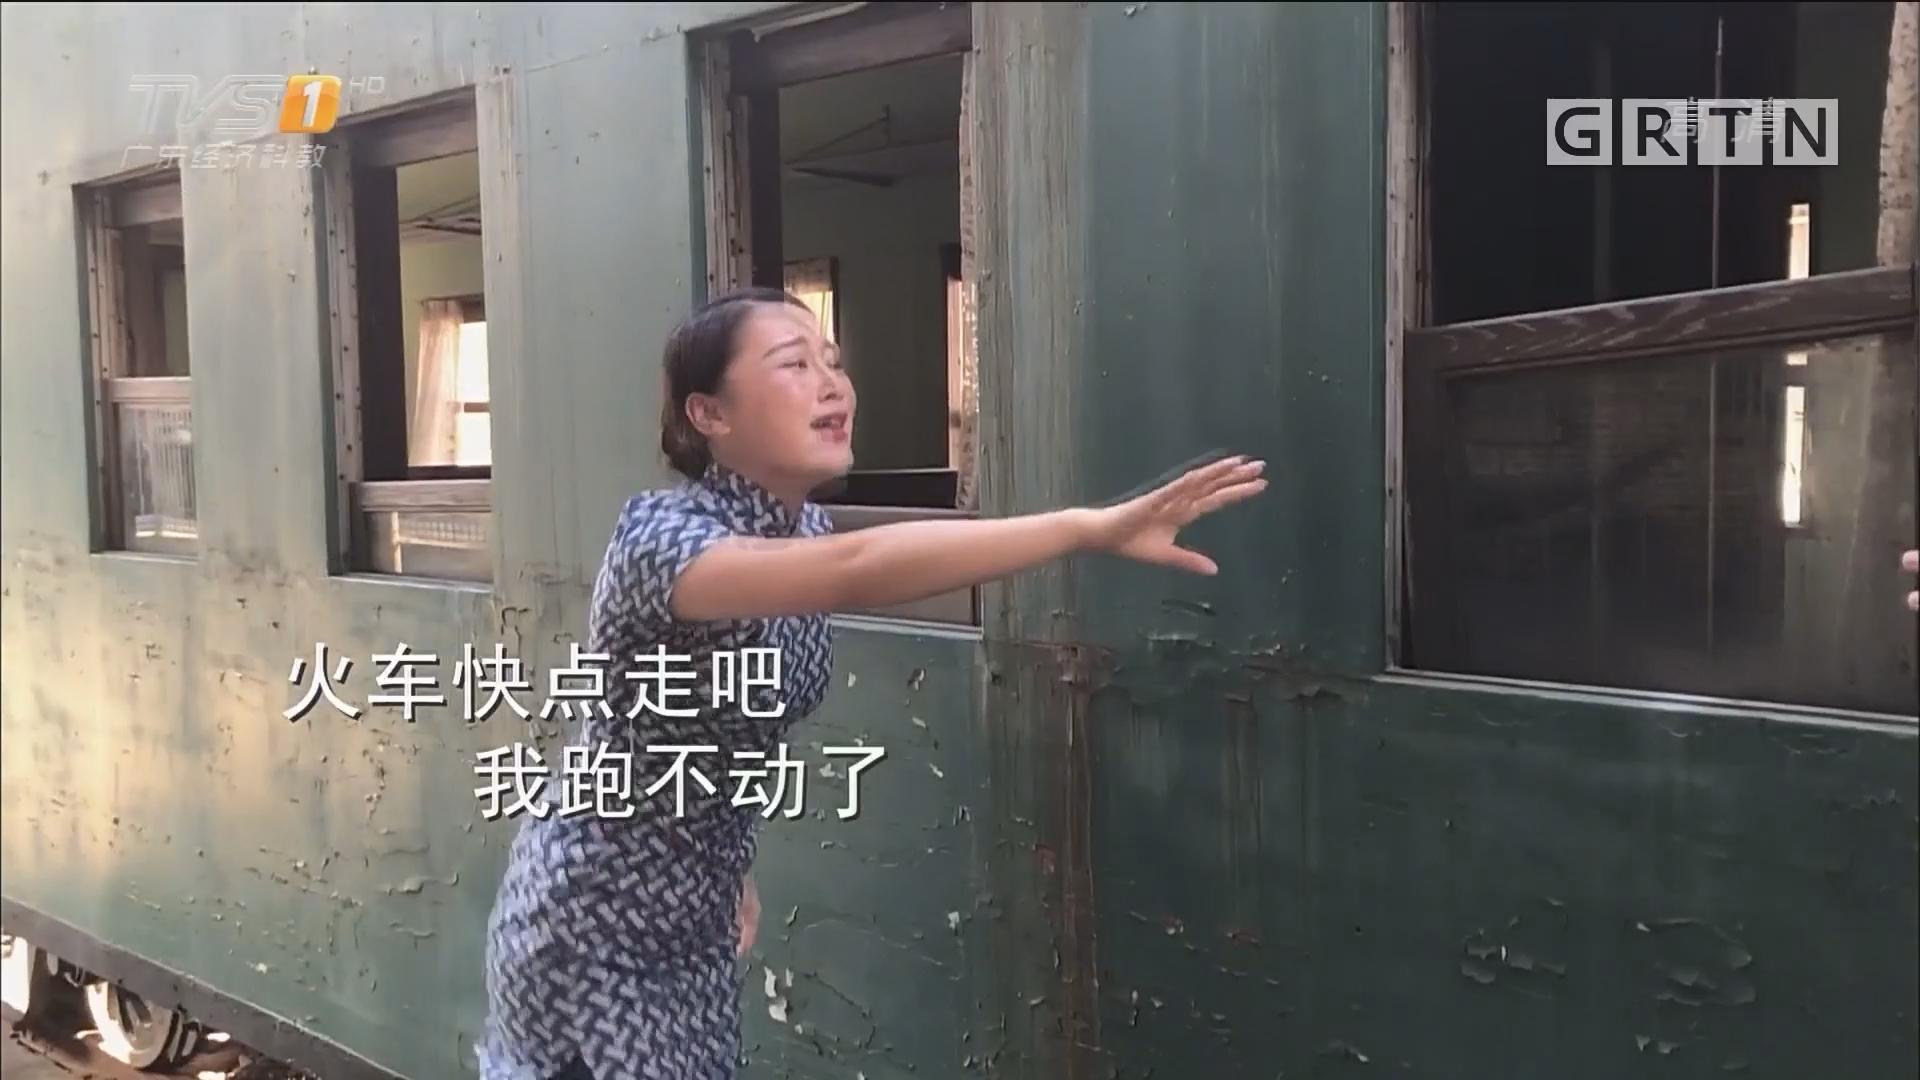 西樵山国艺影视城——《情深深雨蒙蒙》搞笑版